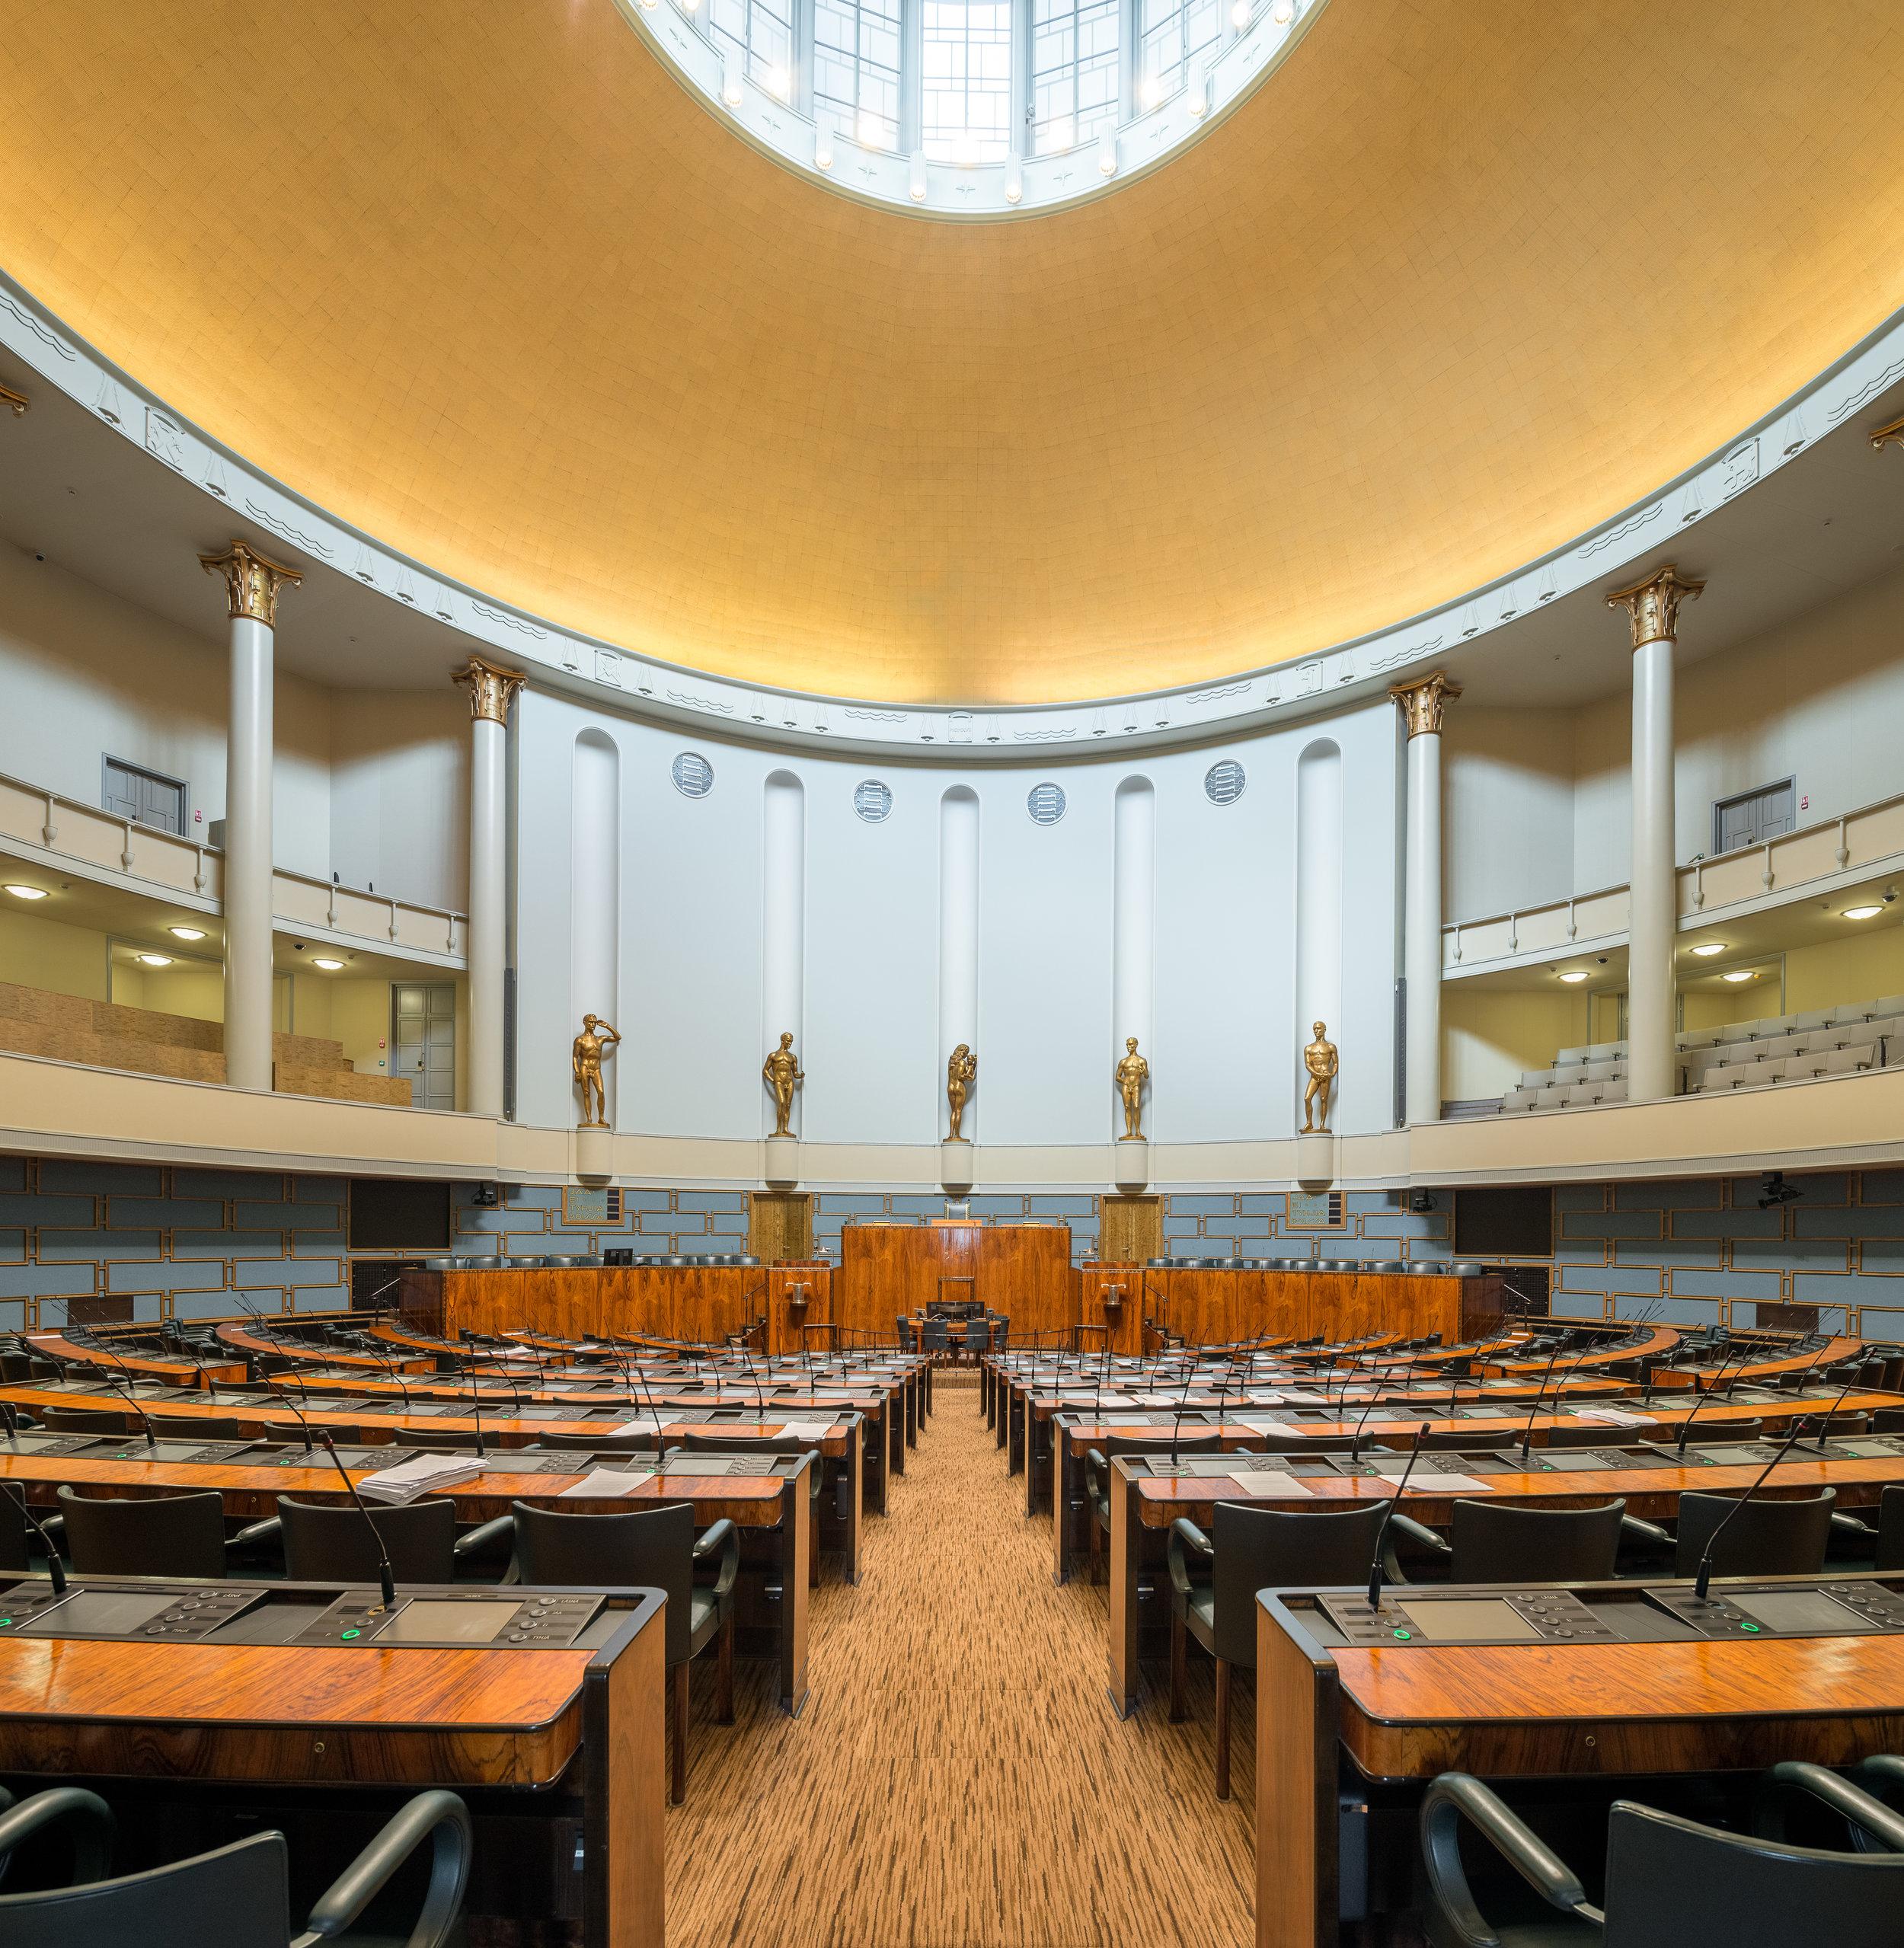 The Plenary Hall